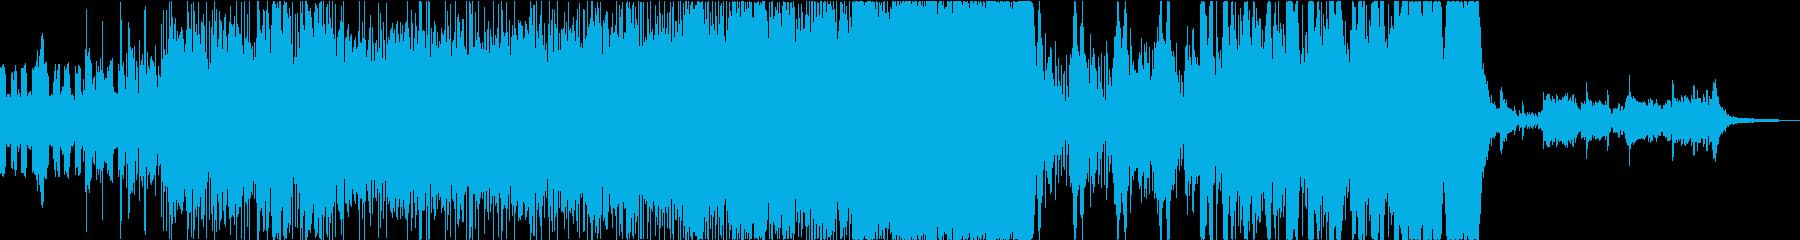 戦闘・疾走感・ヒロイックなオーケストラの再生済みの波形